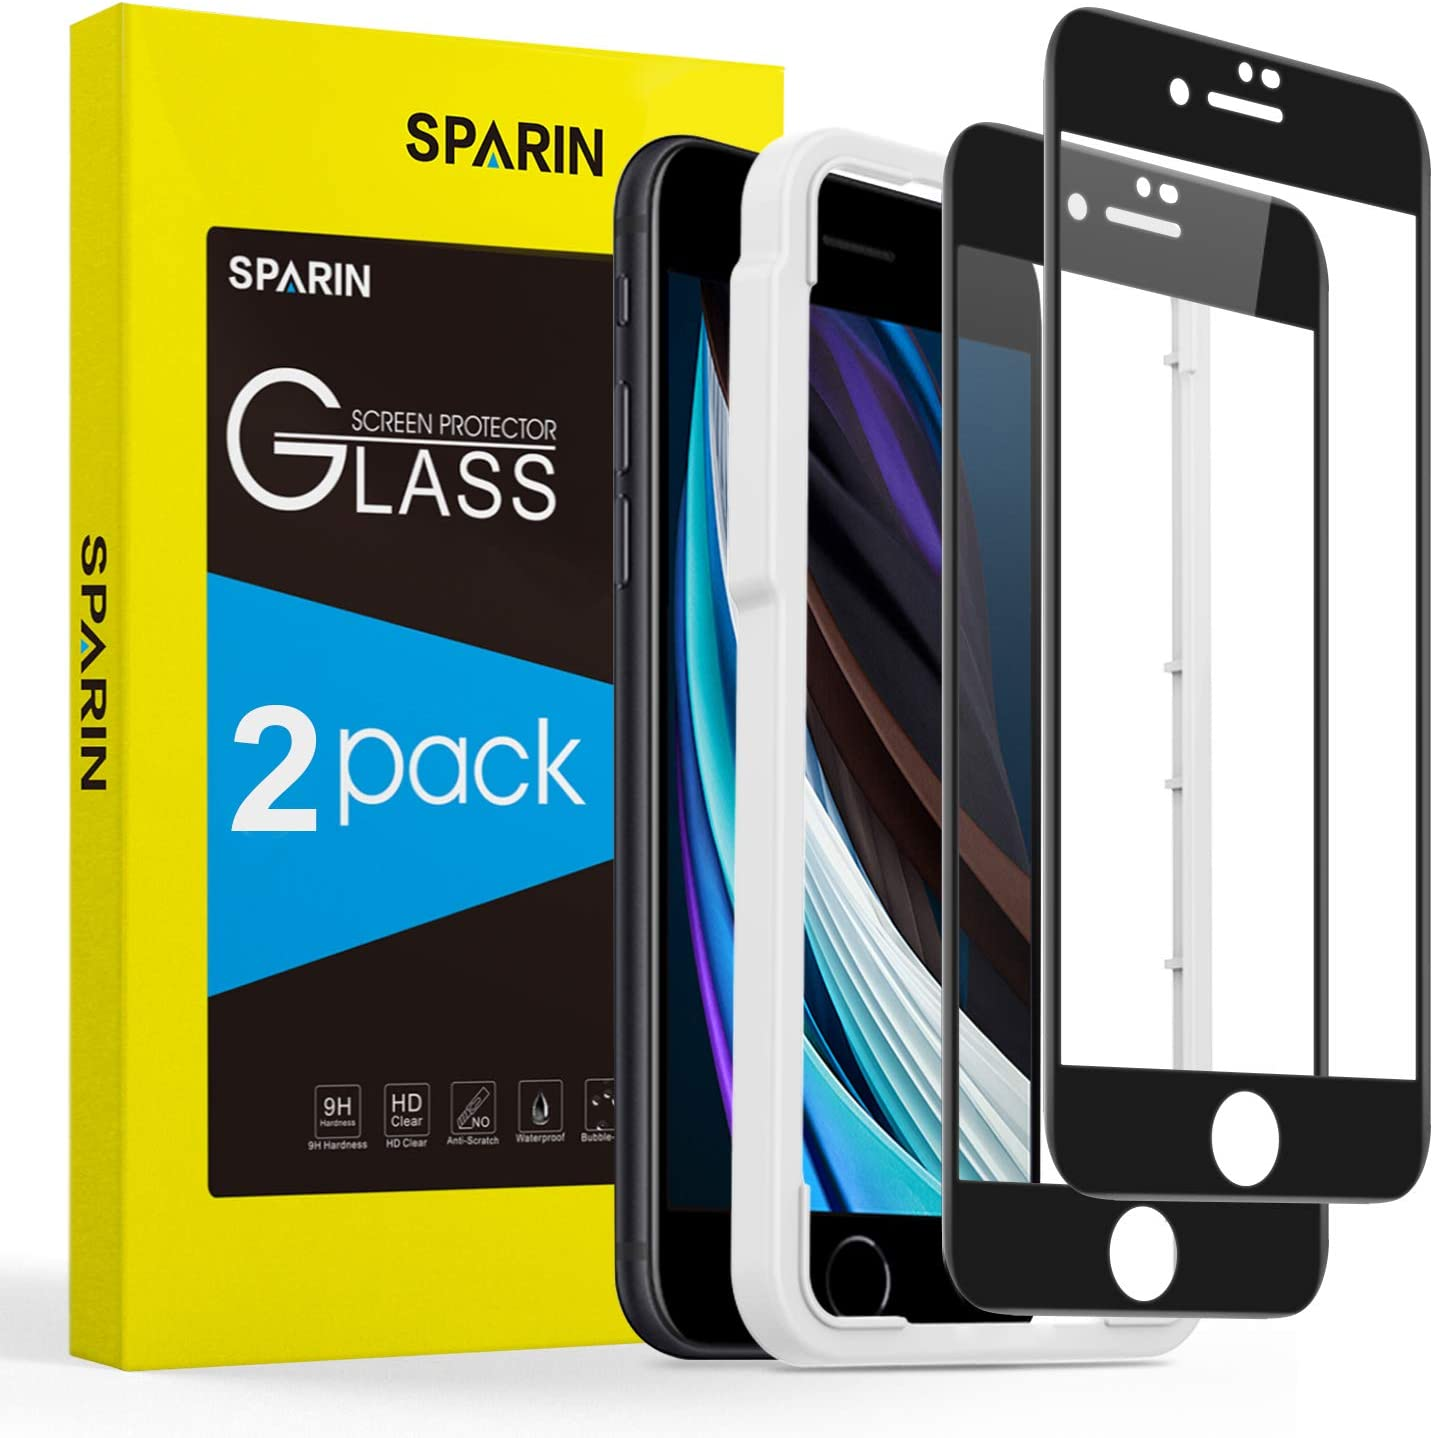 SPARIN [2-Pack] [Cubre toda Pantalla] Protector Pantalla iPhone 8/7/6s, Cristal Templado iPhone 8/7/6s, [Cristal + Resina] Vidrio Templado con [9H Dureza] [Alta Definicion]: Amazon.es: Electrónica